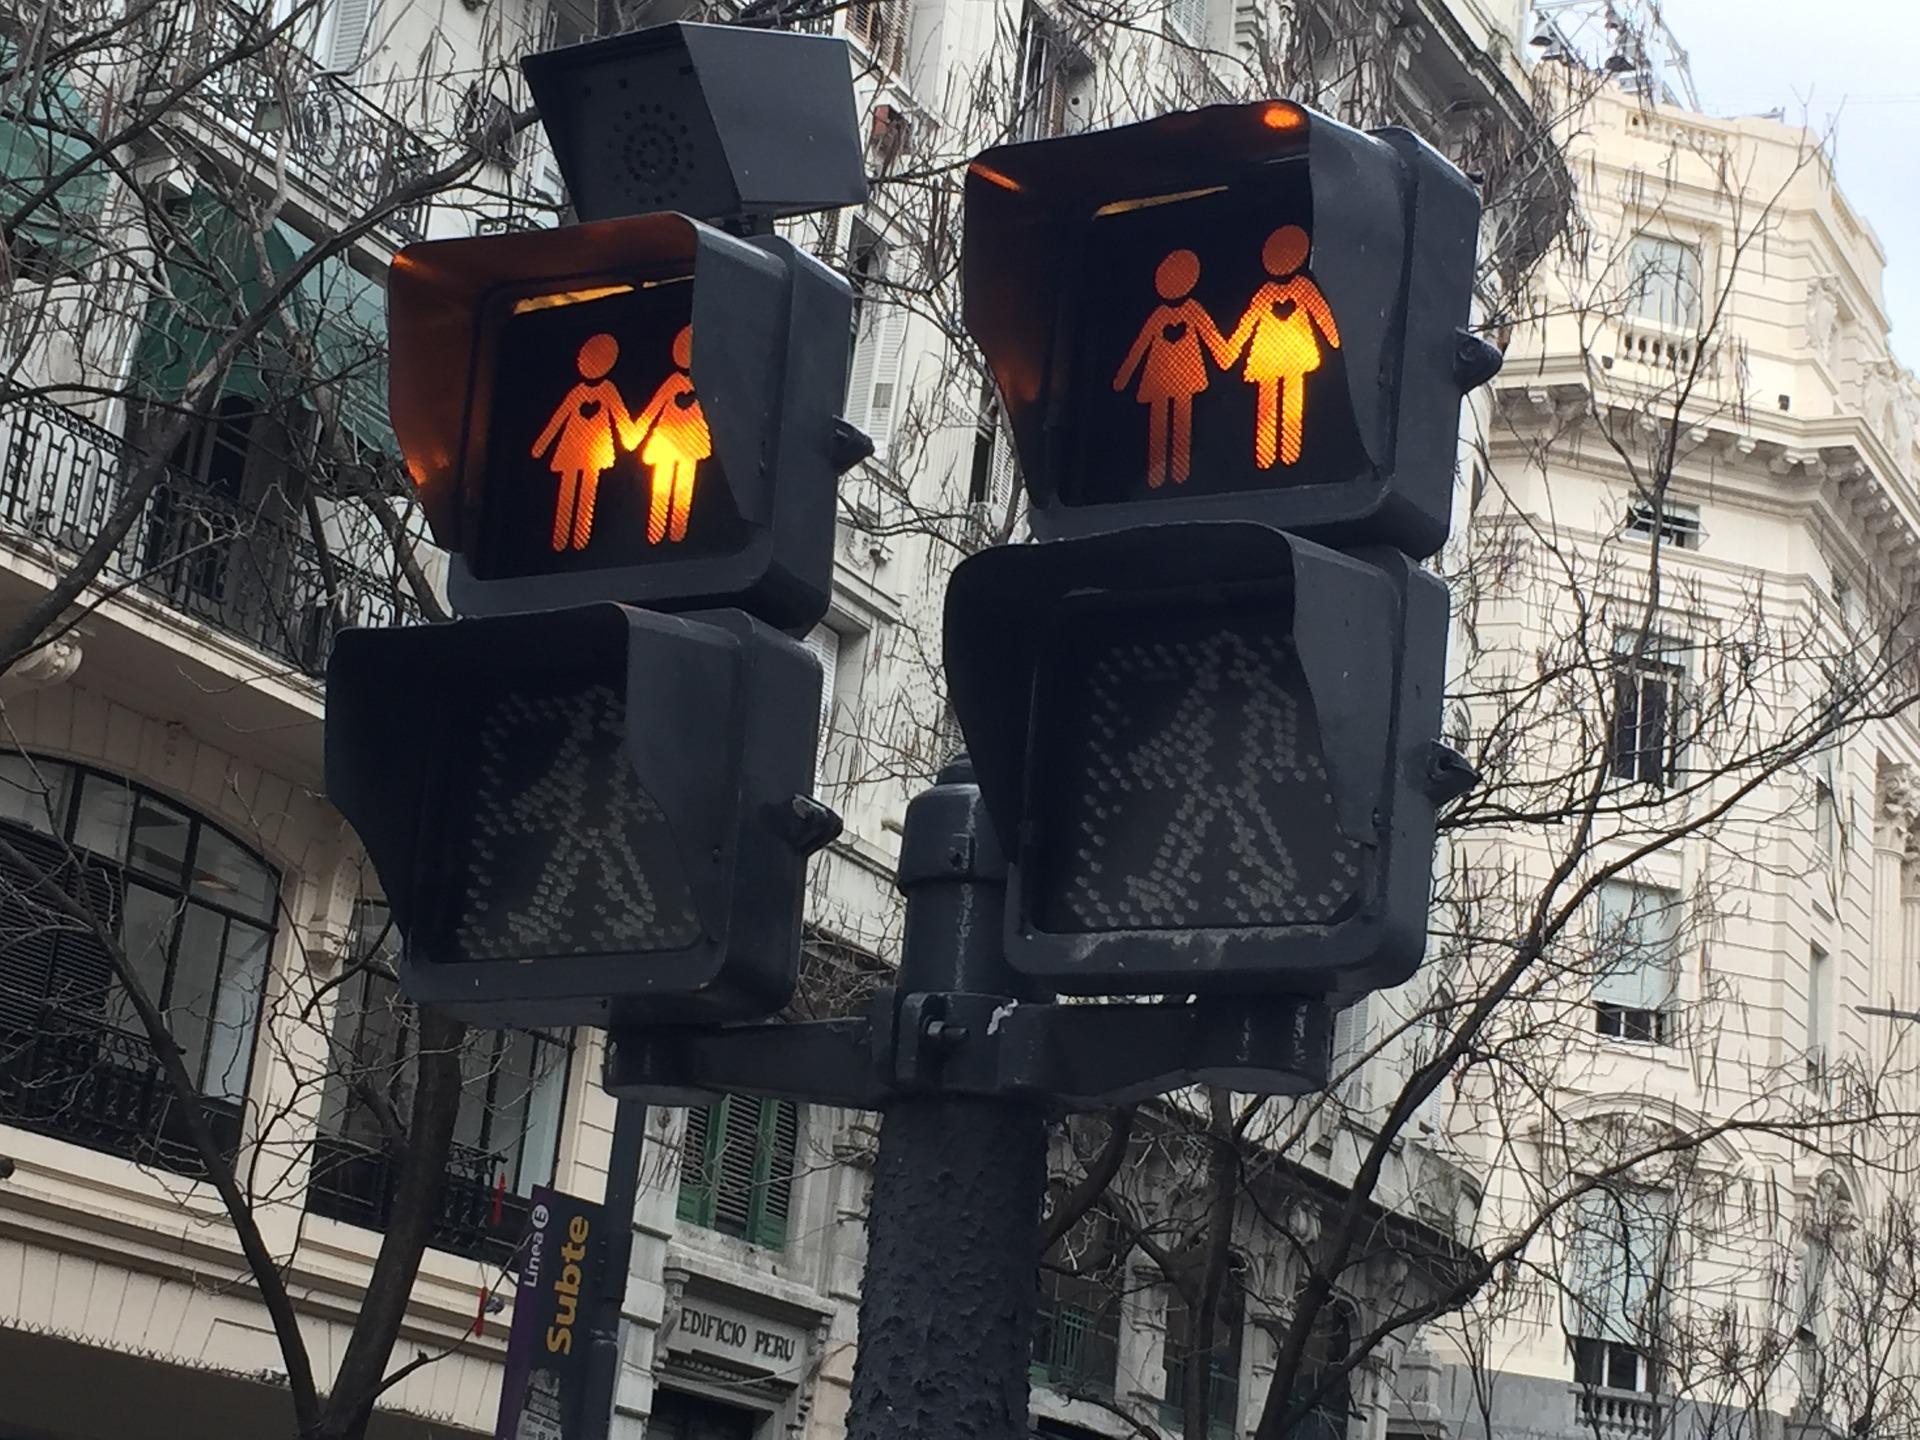 semafori LGBTQ